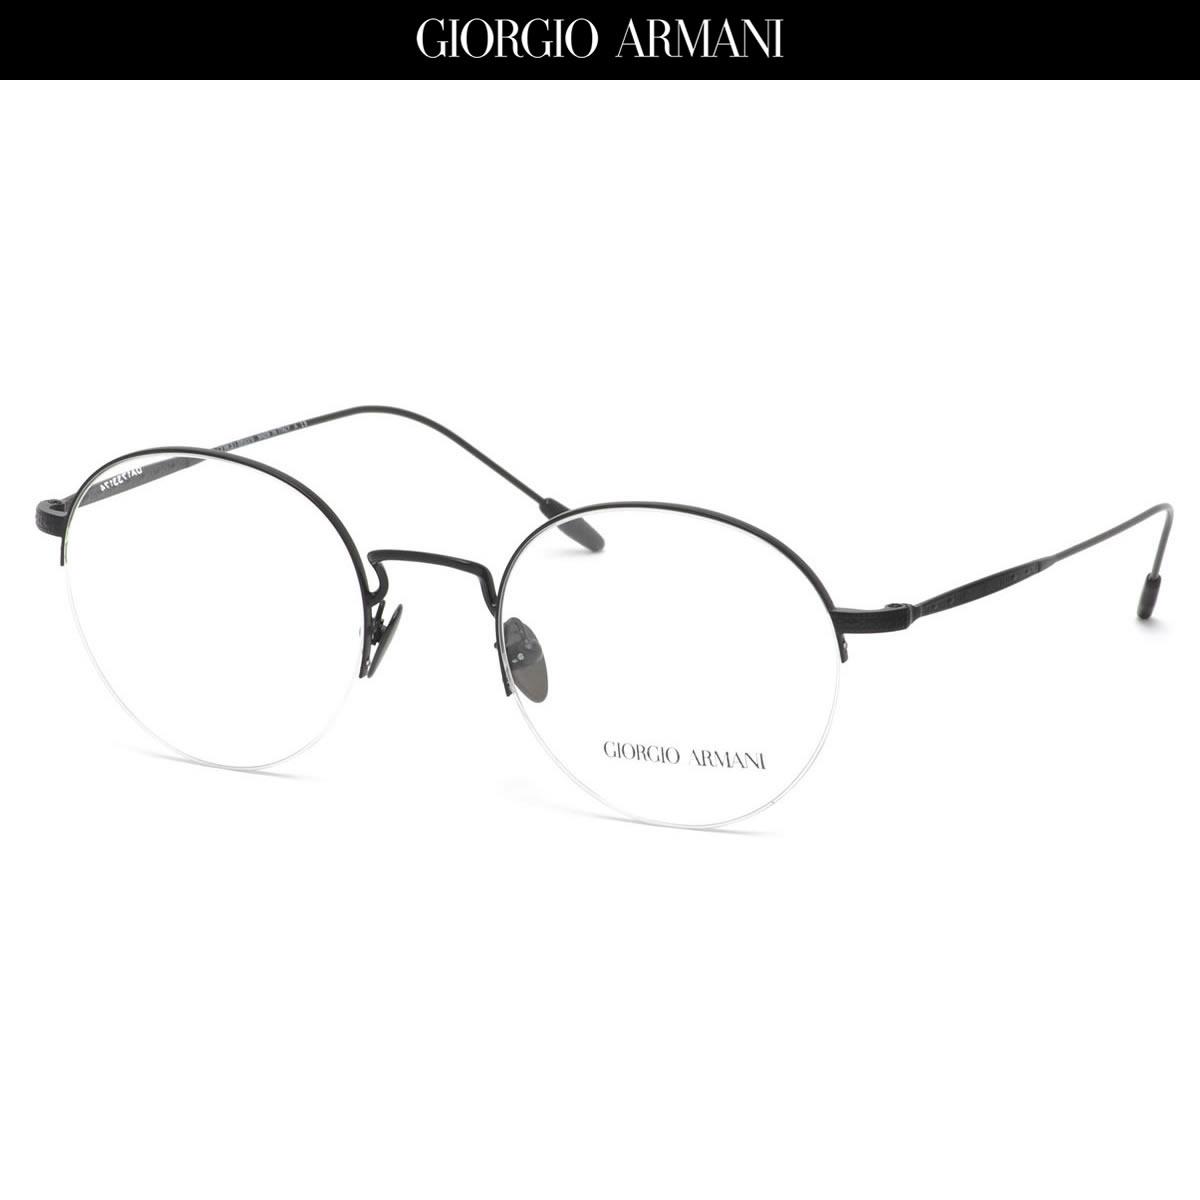 ポイント最大33倍 GIORGIO ARMANI ジョルジオアルマーニ メガネAR5079 3001 50サイズアルマーニ ハーフリム ナイロールメンズ レディース